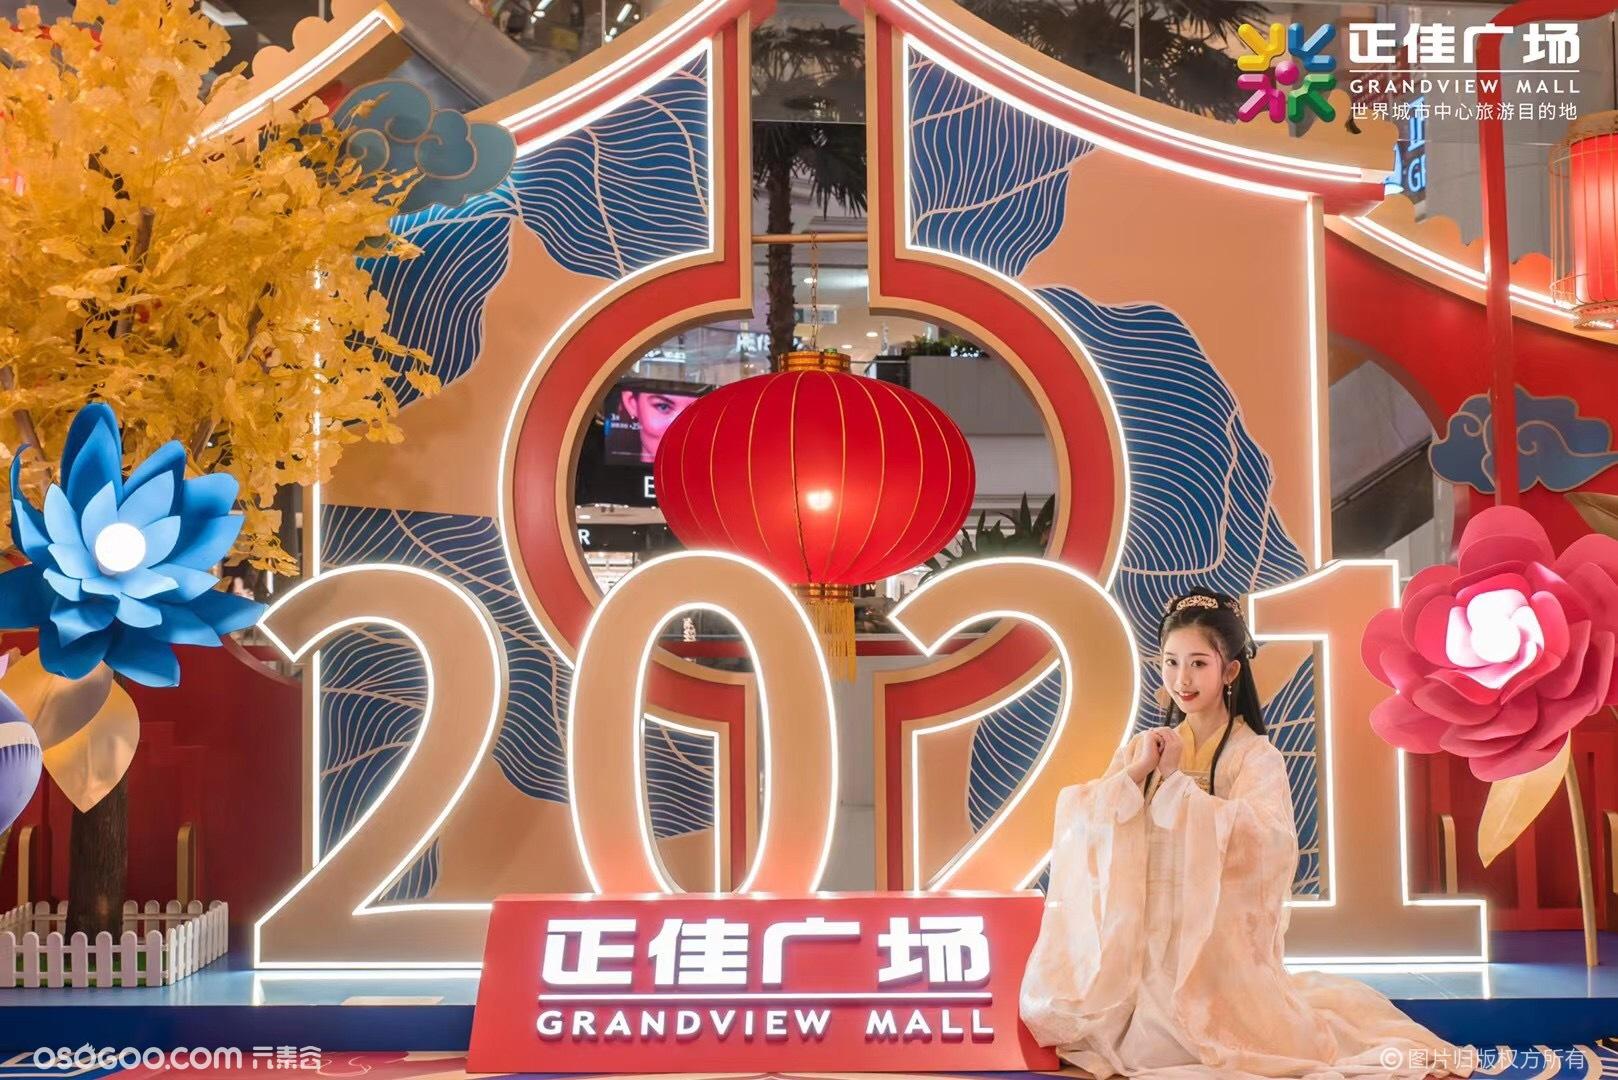 广州正佳广场新春游园会